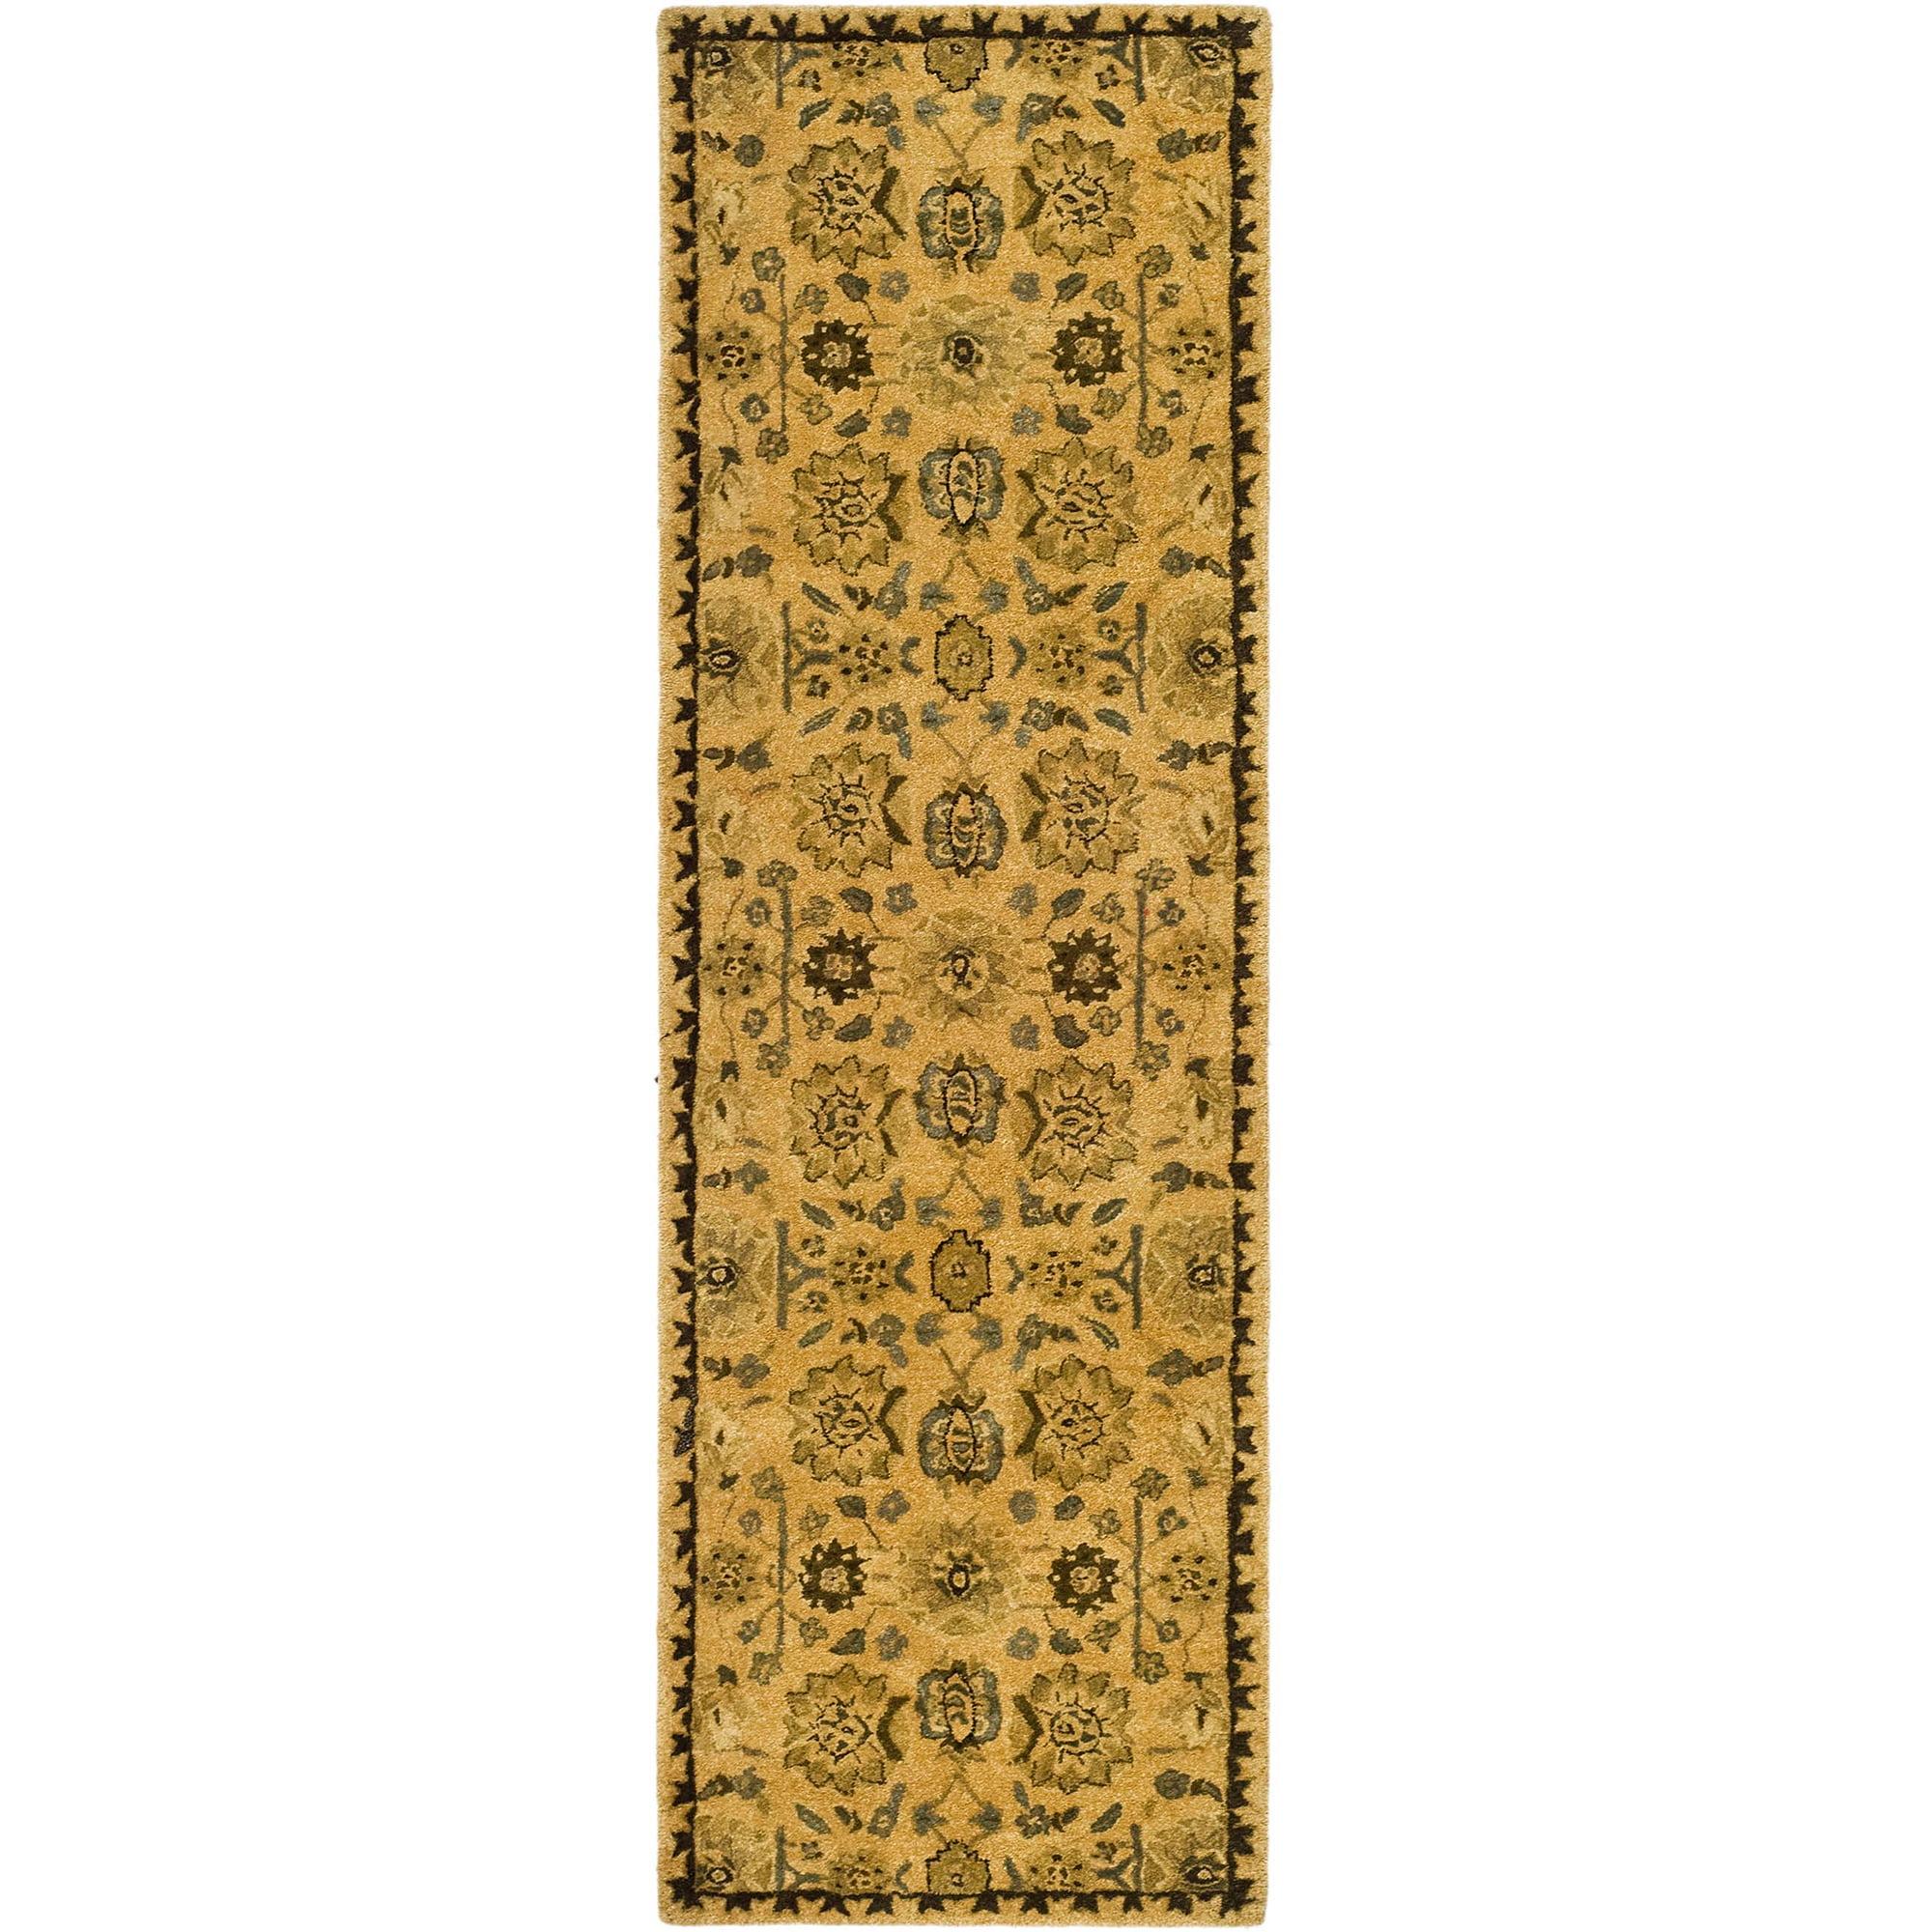 Safavieh Taj Mahal Nima Hand Tufted Wool Runner Rug Taupe